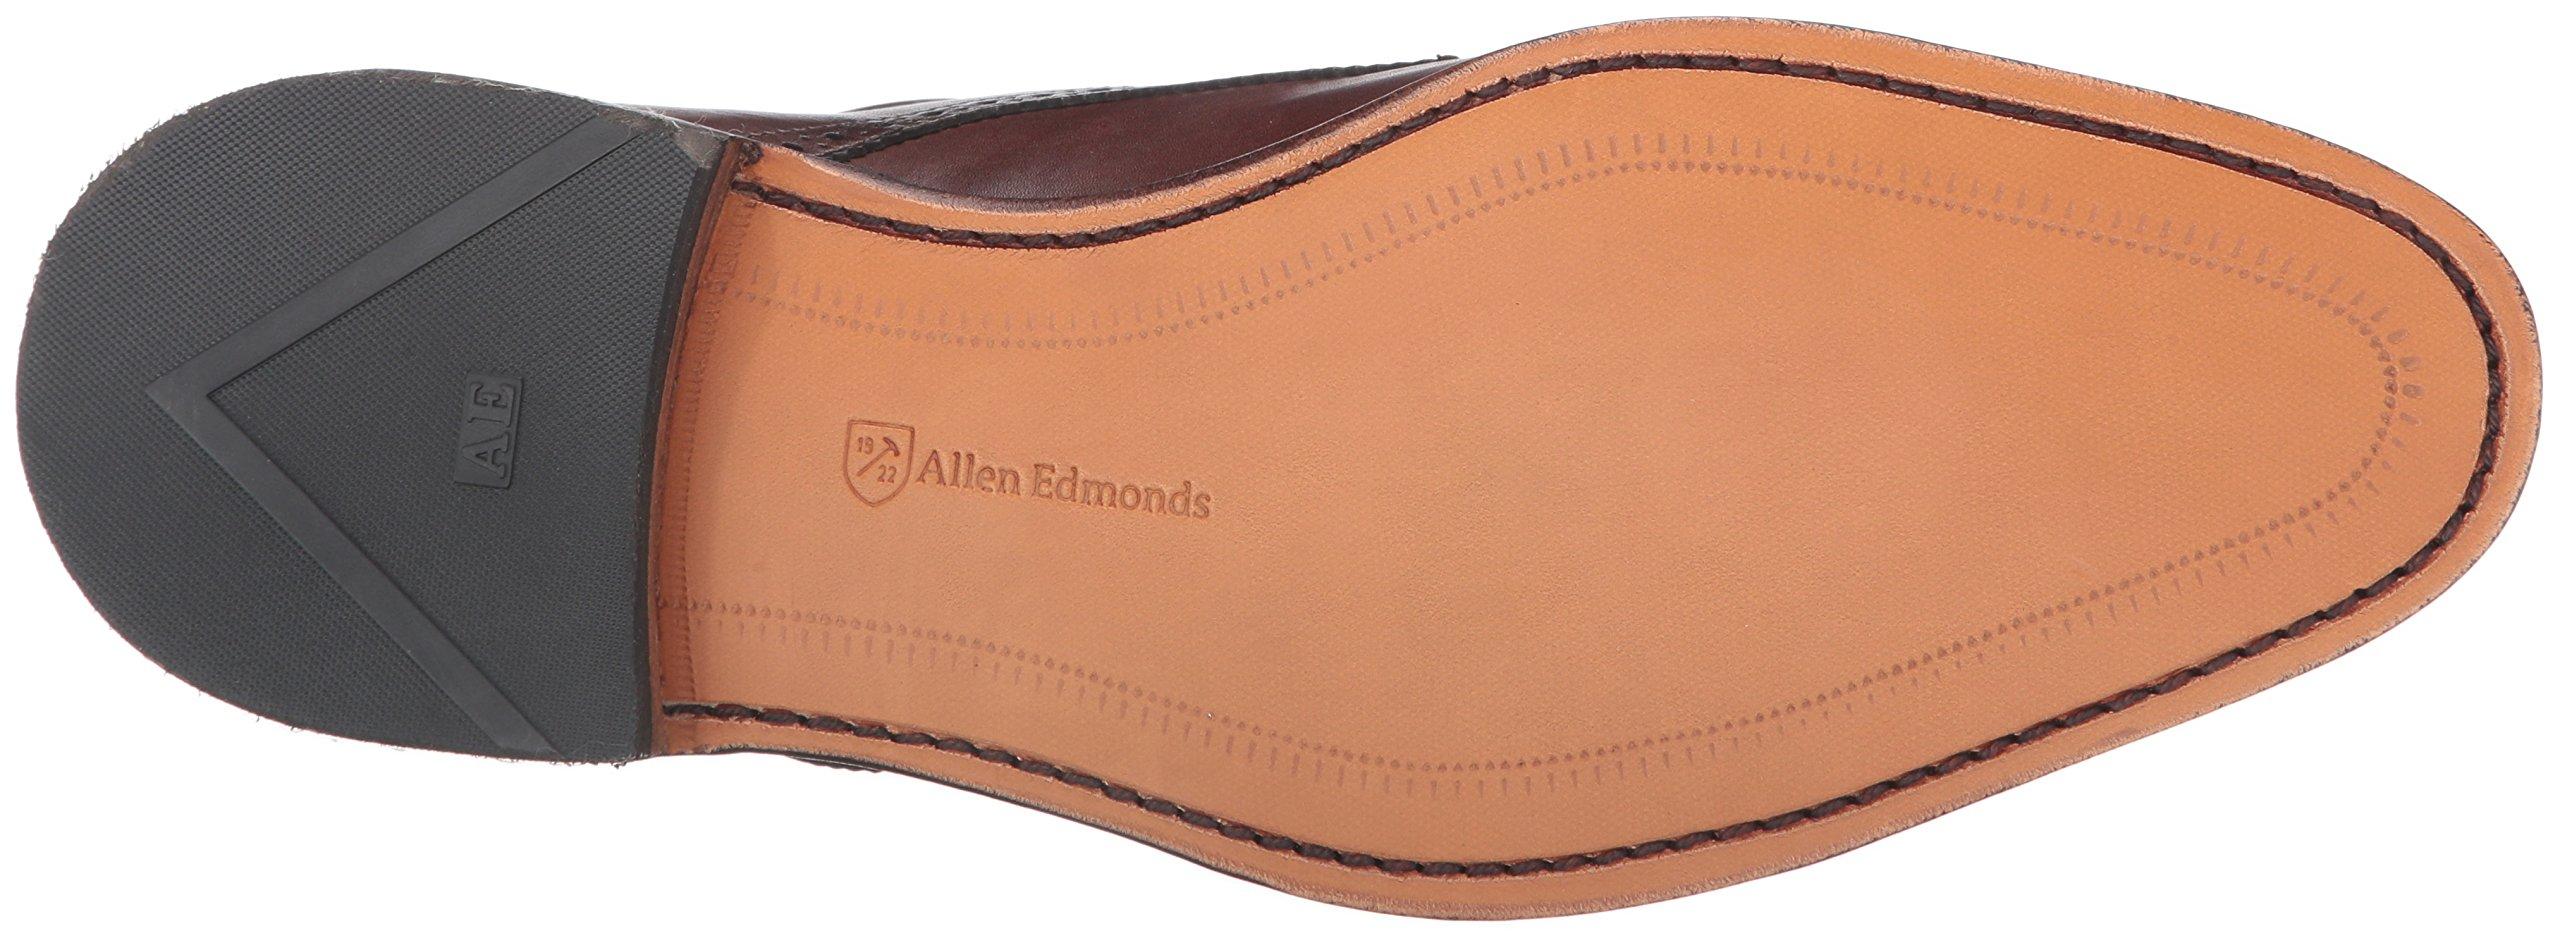 Allen Edmonds Men's St. John's Oxford, Chili, 9 D US by Allen Edmonds (Image #3)